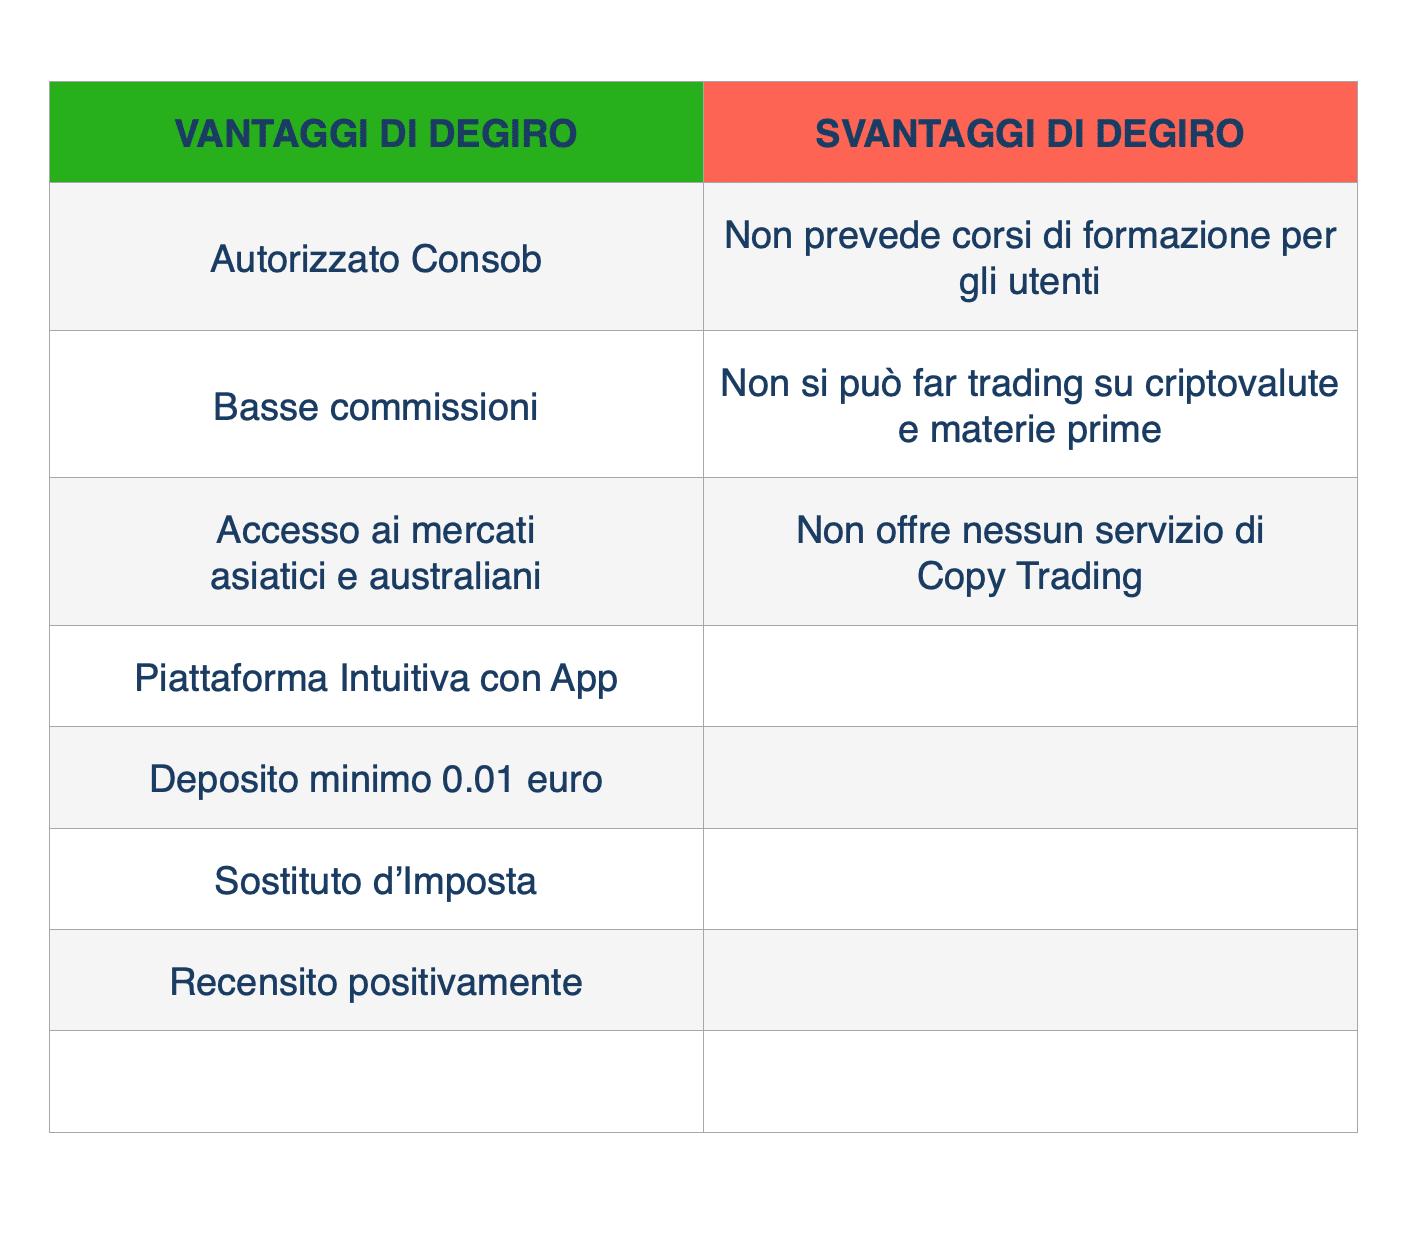 pro e contro di Degiro